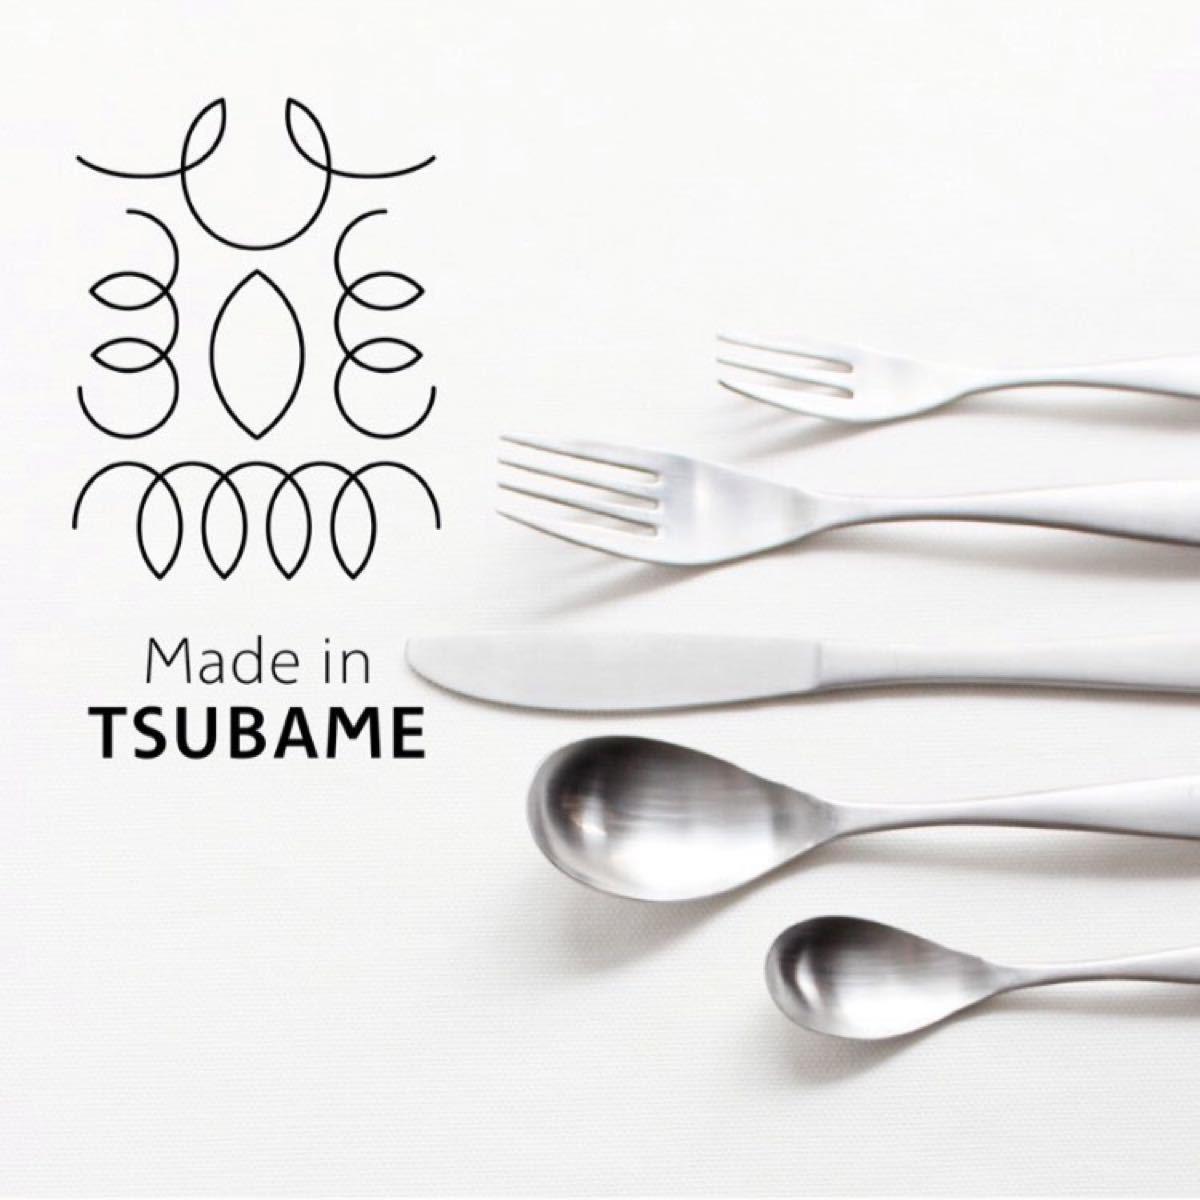 ツバメカトラリー 20本セット フォーク大小&ナイフ&スプーン大小 新品未使用 made in tsubame 燕